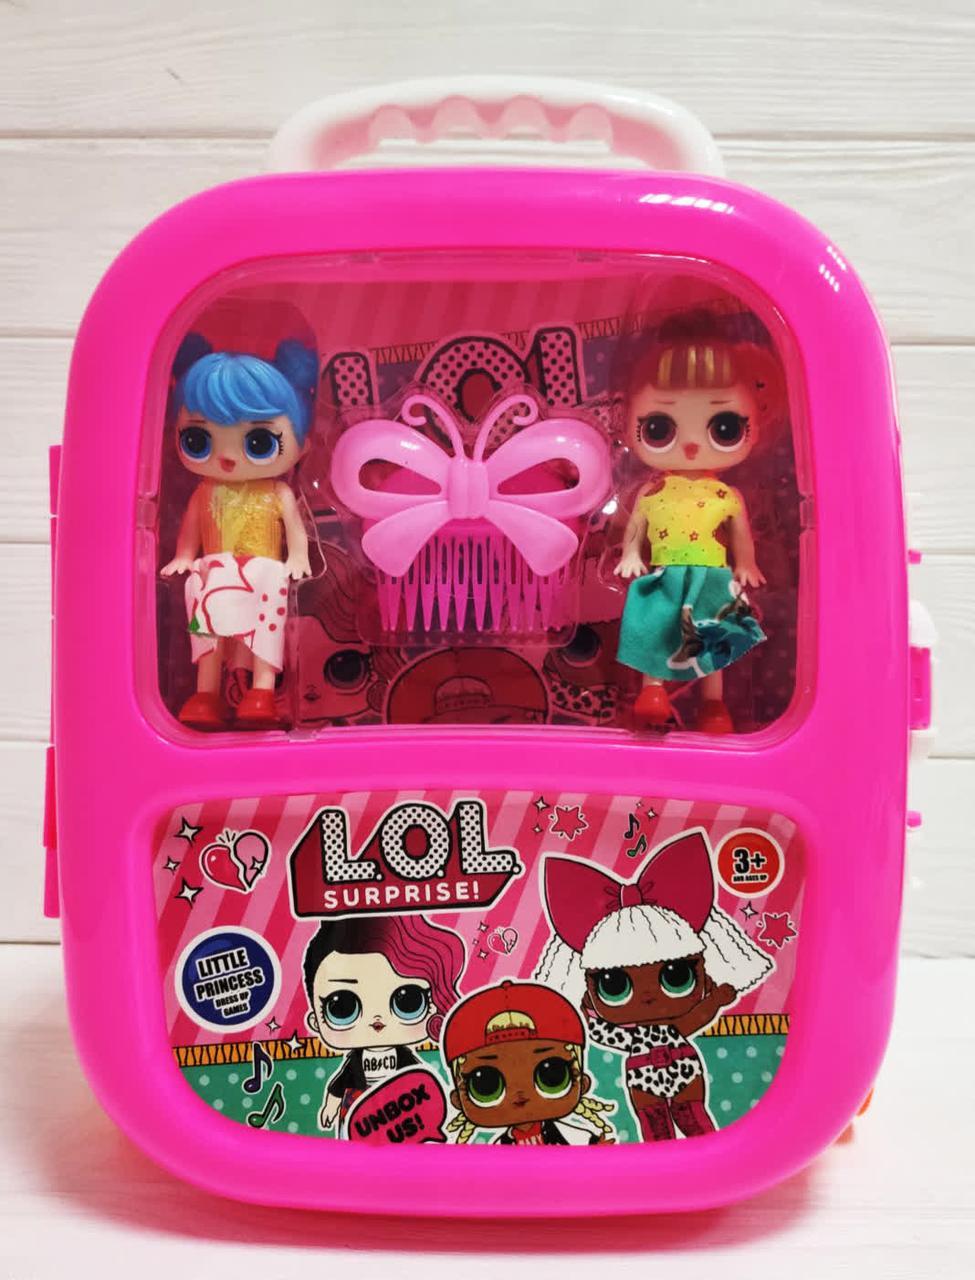 Подарочный набор LOL серия AMAZING, чемодан на колесиках, 2 куклы ЛОЛ, аксессуары